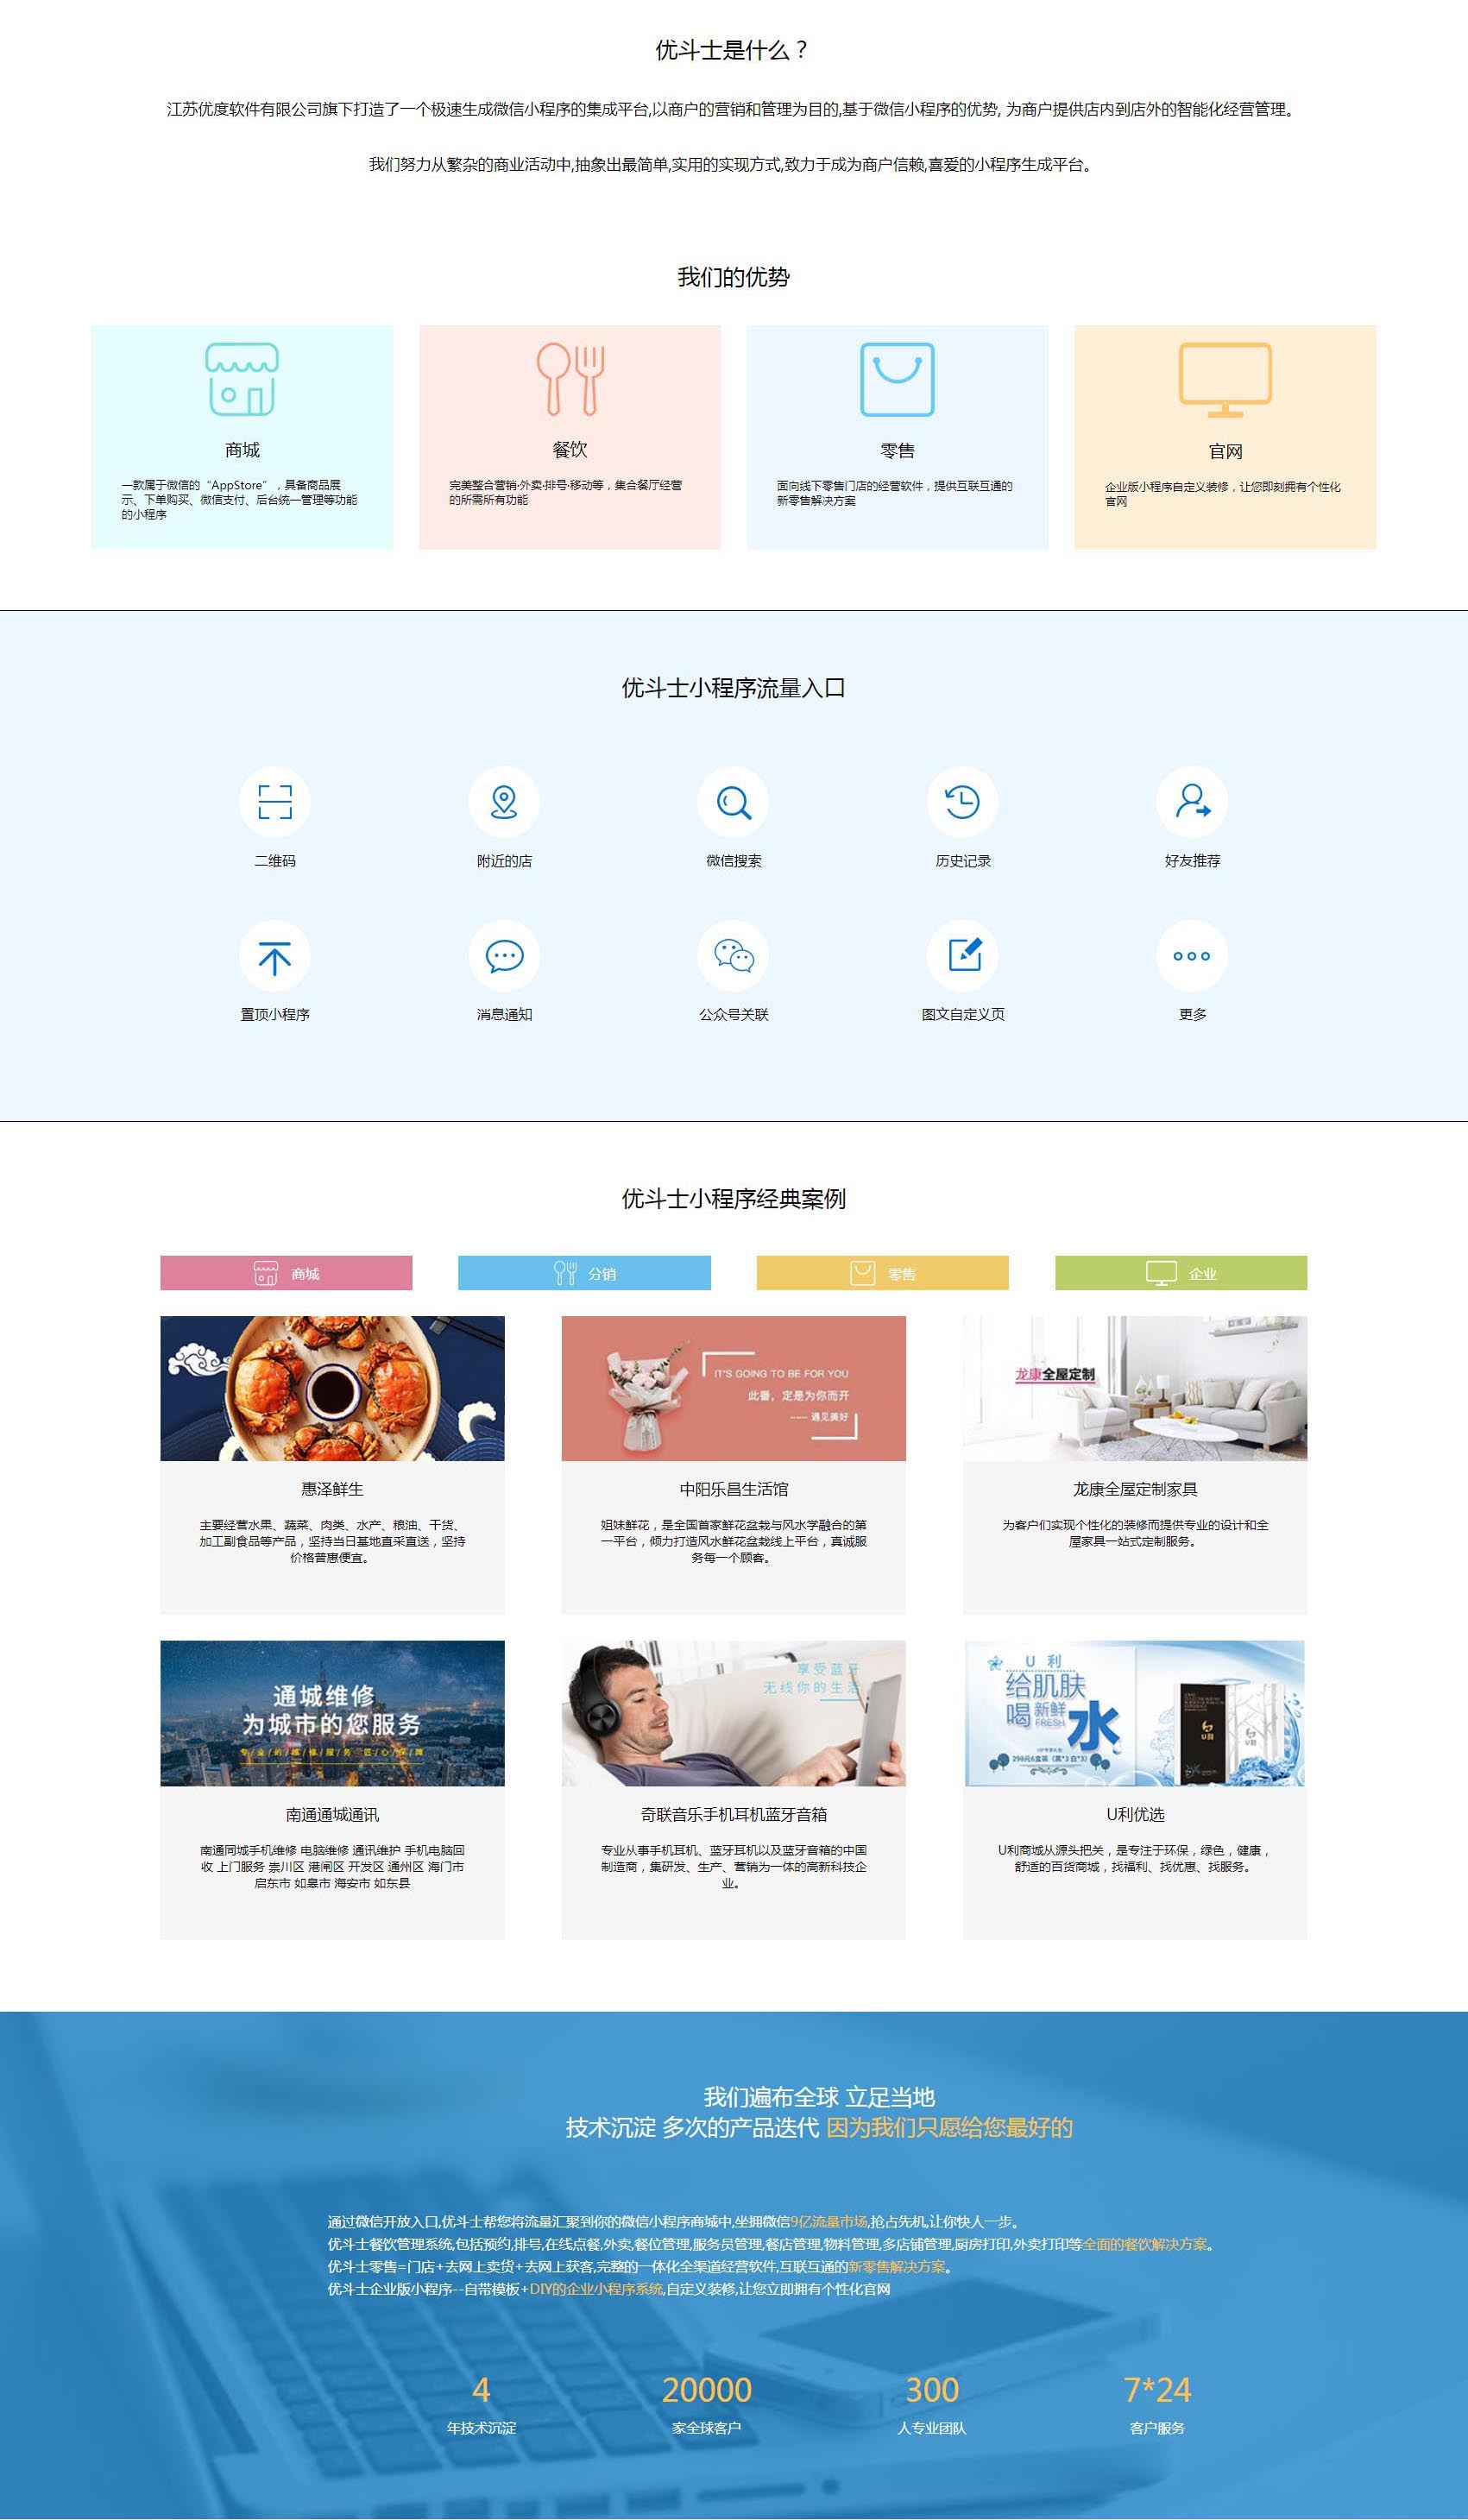 菏泽微信营销